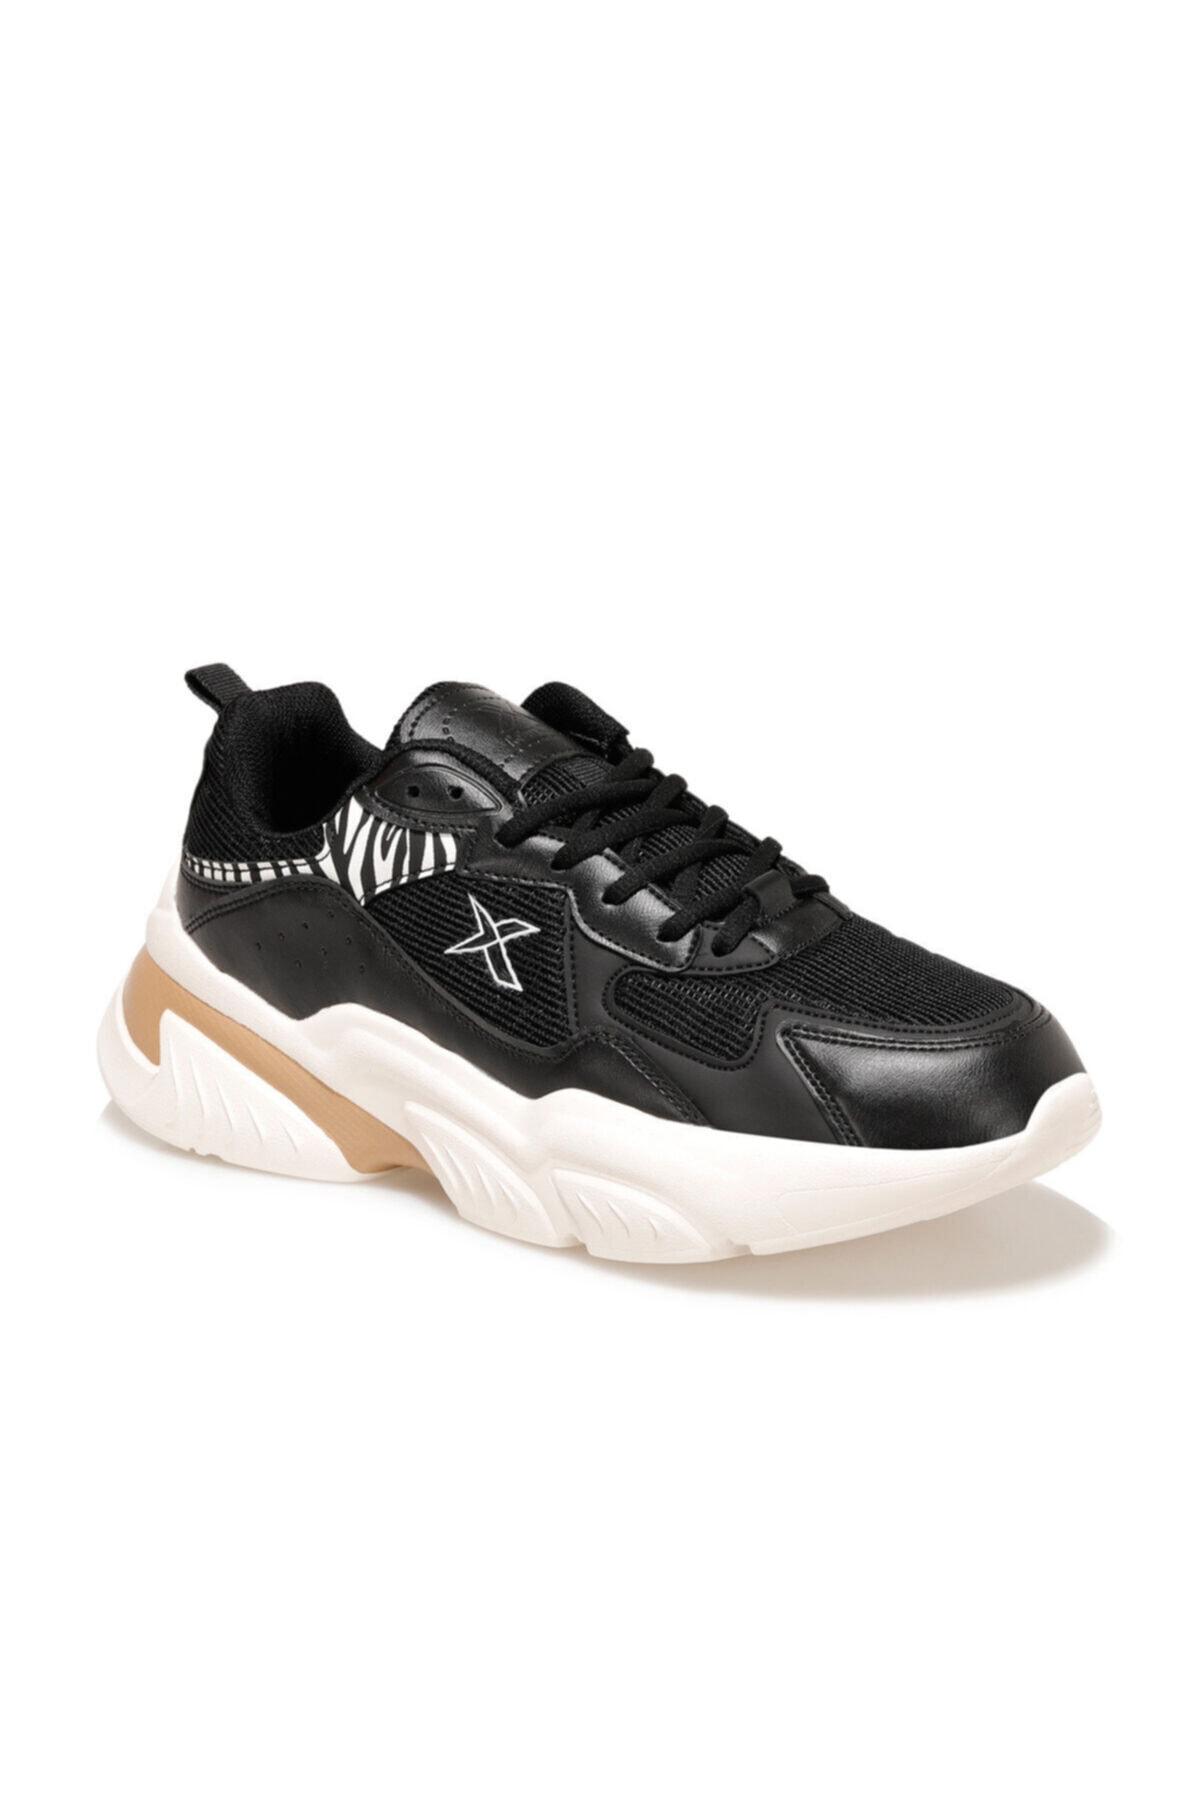 Kinetix VILMA W Siyah Kadın Sneaker Ayakkabı 100547092 1